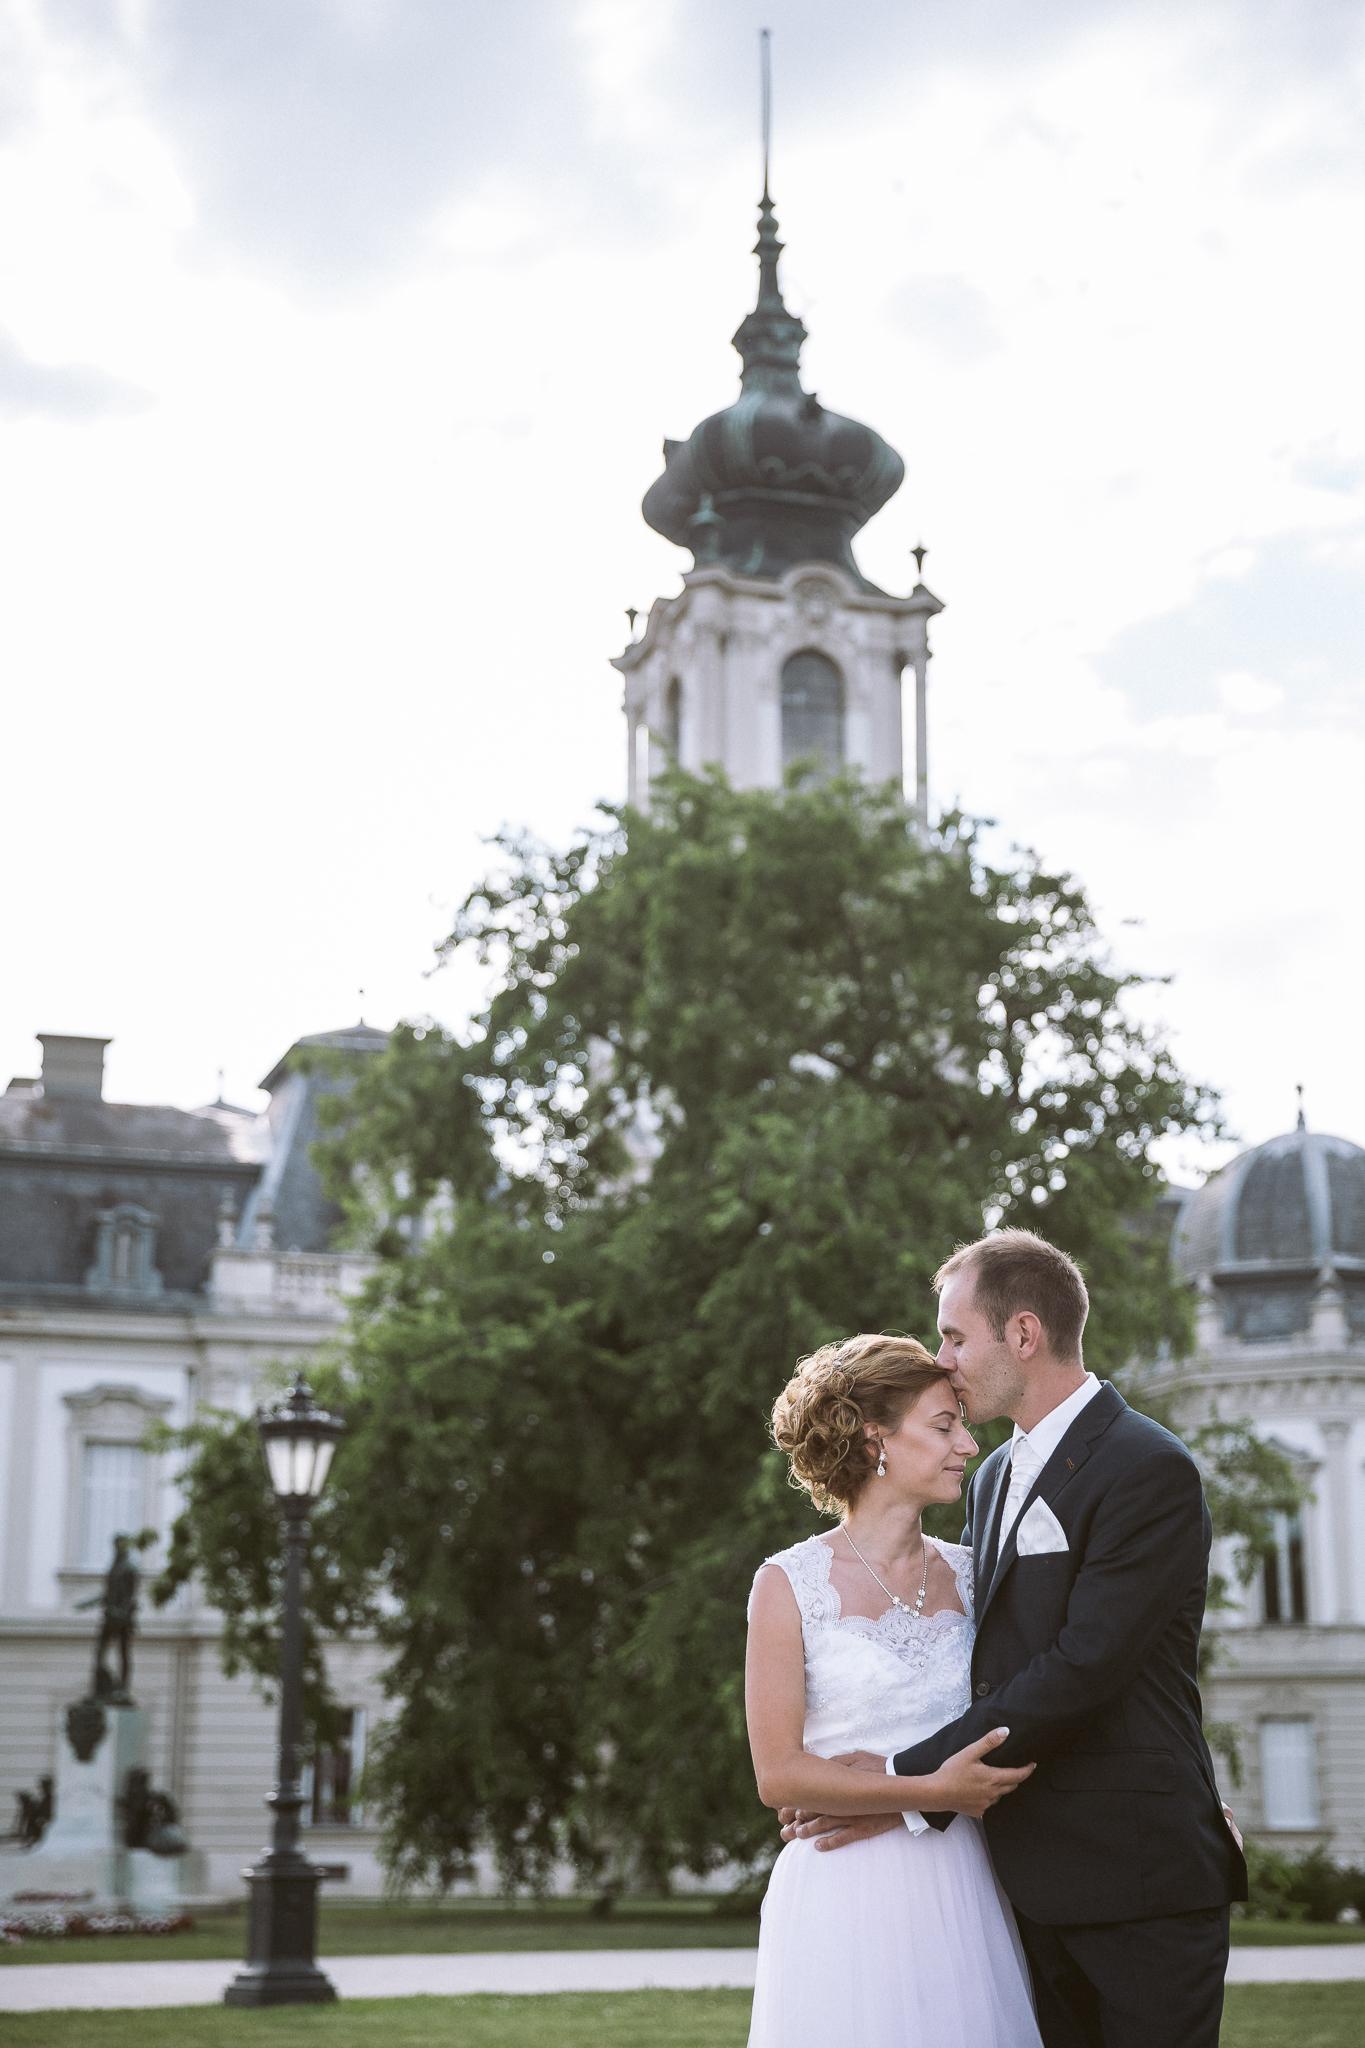 FylepPhoto, esküvőfotós, esküvői fotós Körmend, Szombathely, esküvőfotózás, magyarország, vas megye, prémium, jegyesfotózás, Fülöp Péter, körmend, kreatív, fotográfus_03-2.jpg